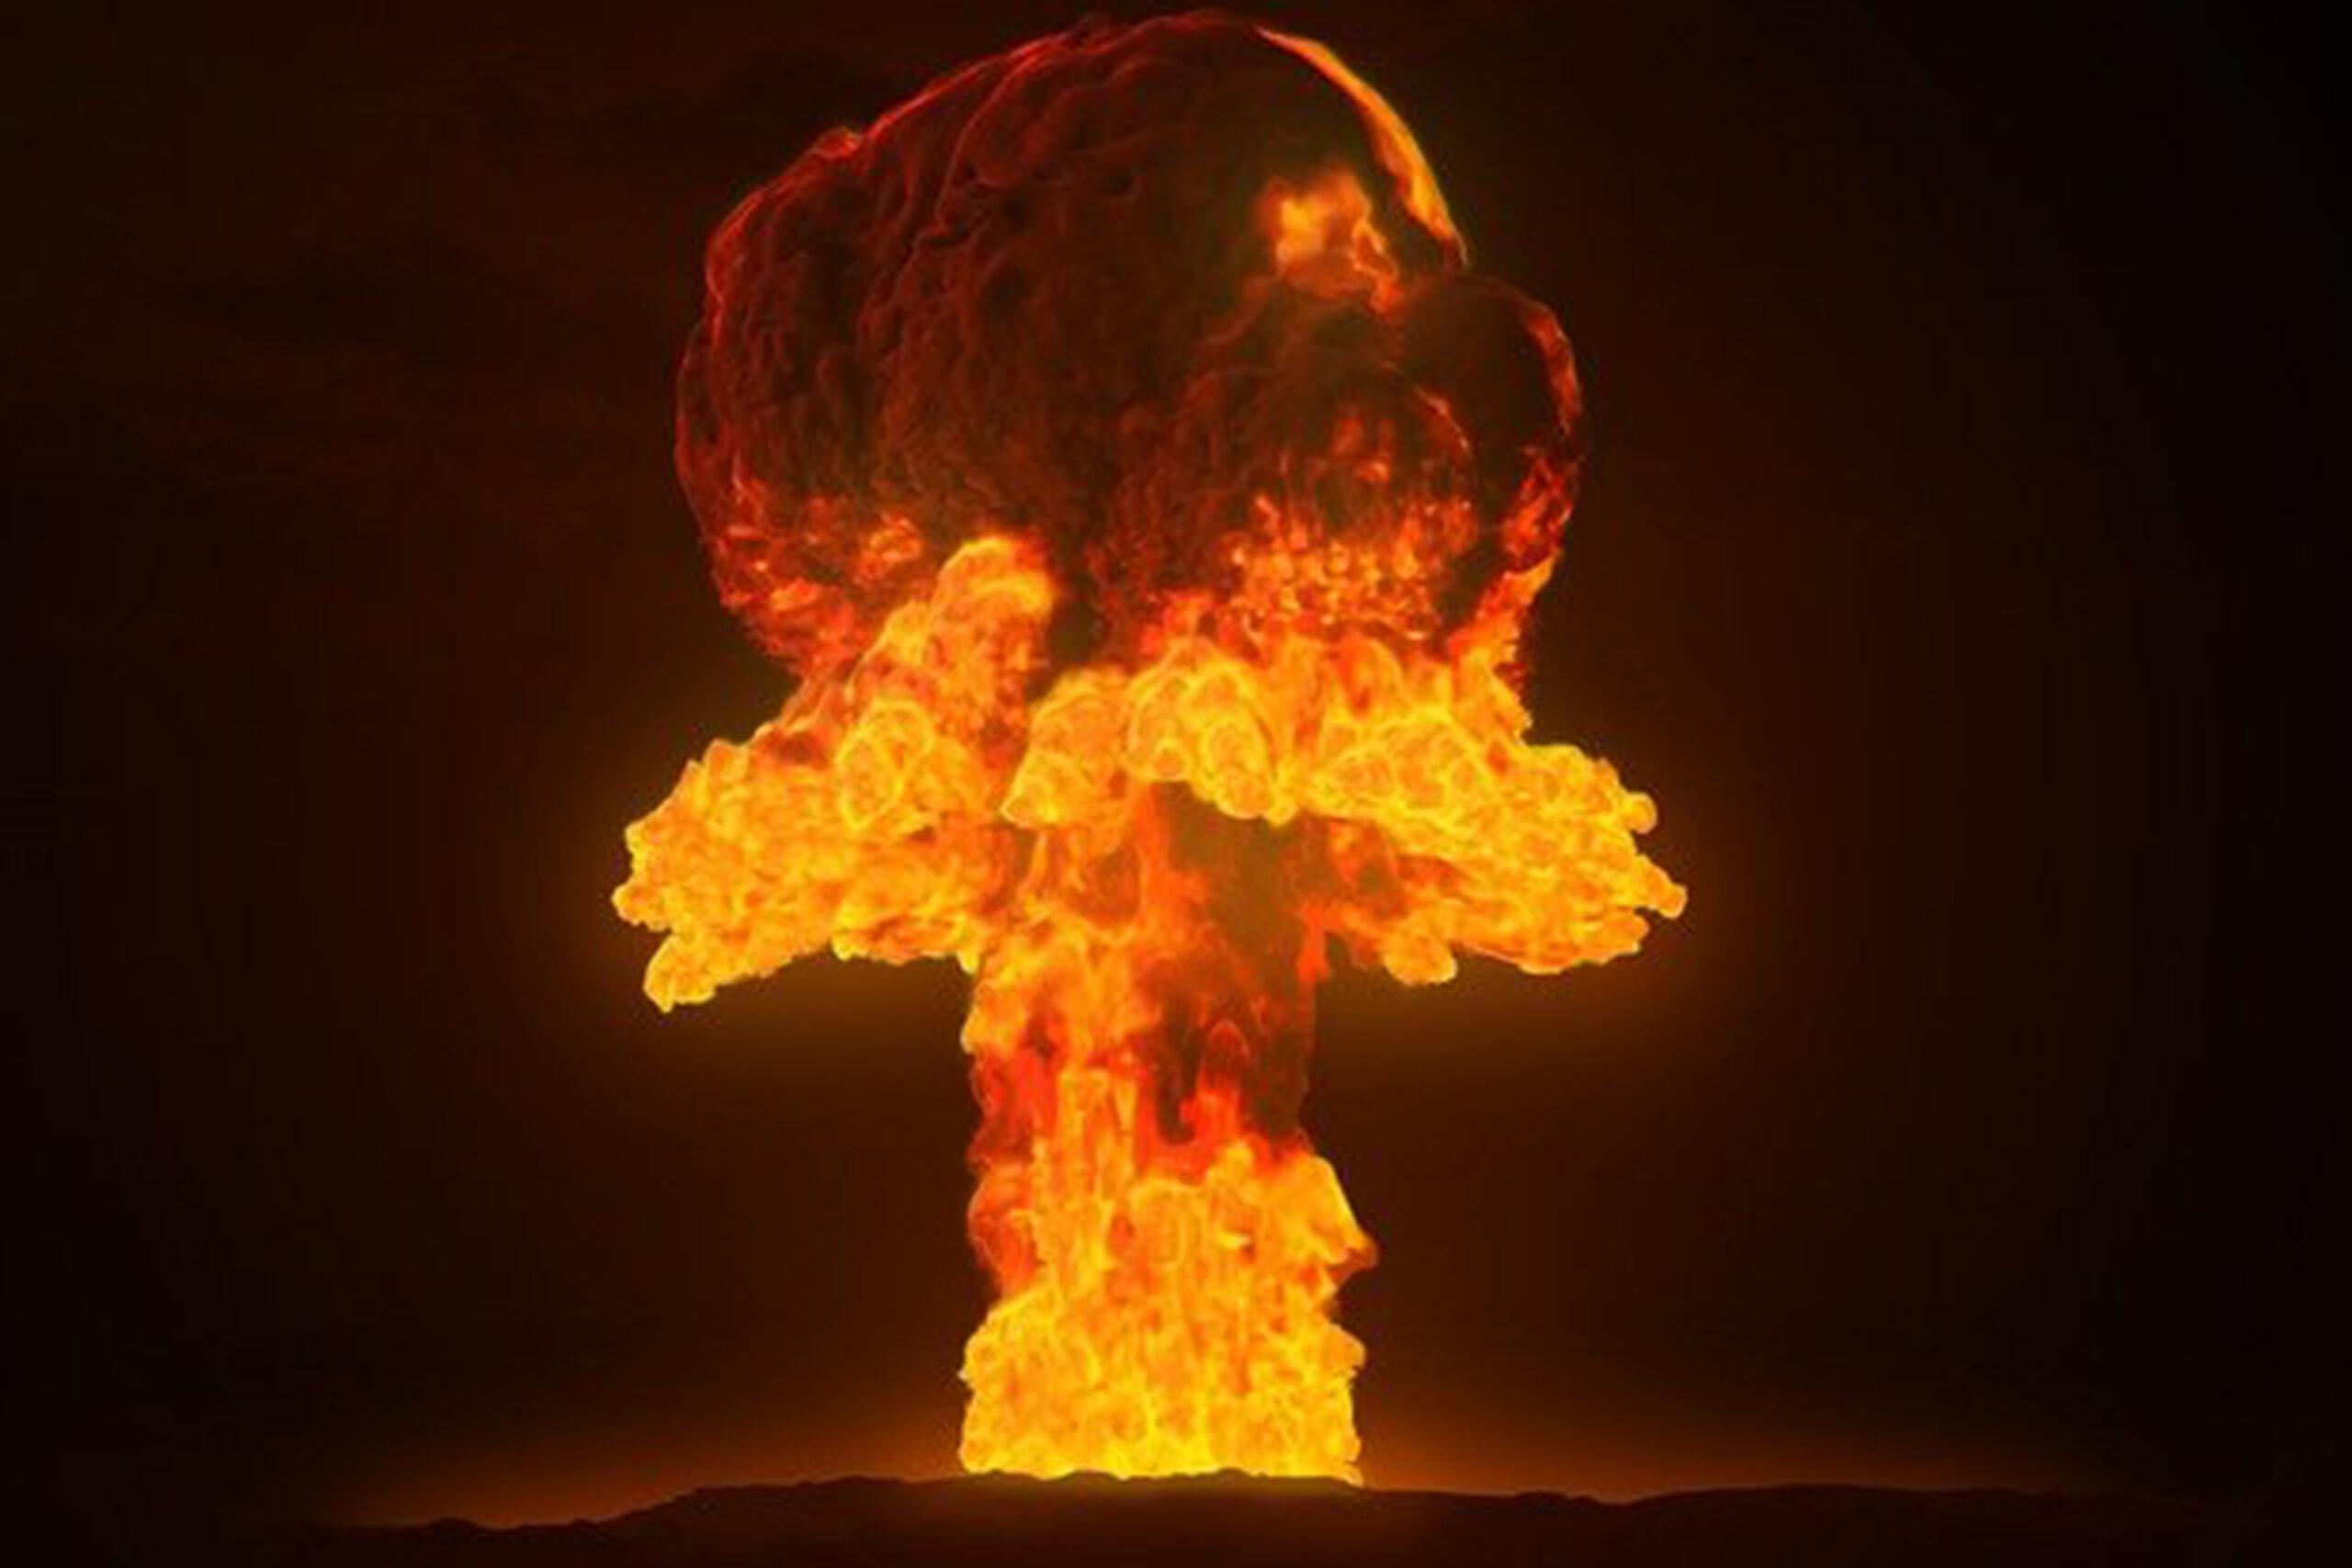 كيف يحدث الانفجار وكيف تنتشر طاقته المدمرة؟